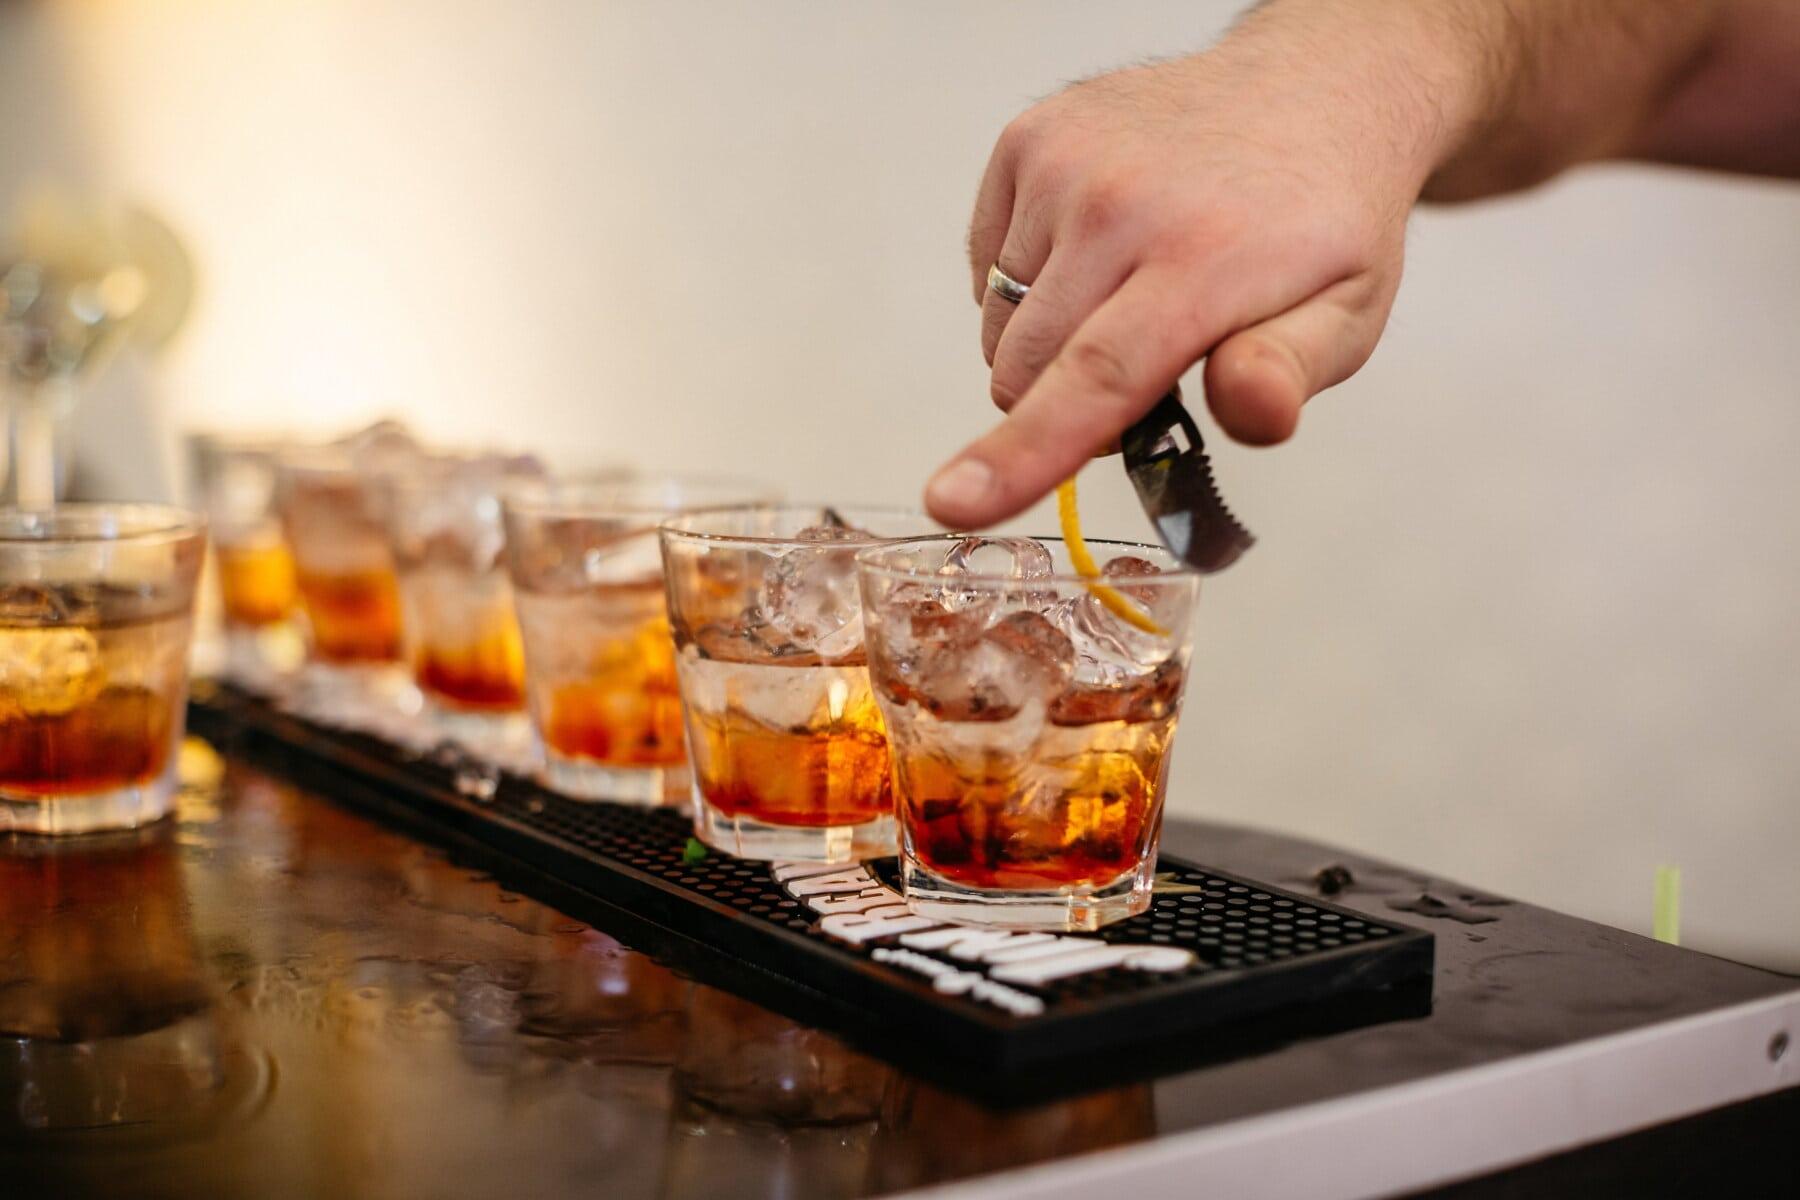 alkohol, iskrystallen, is, isvand, cocktails, bartender, natklub, natteliv, hånd, glas